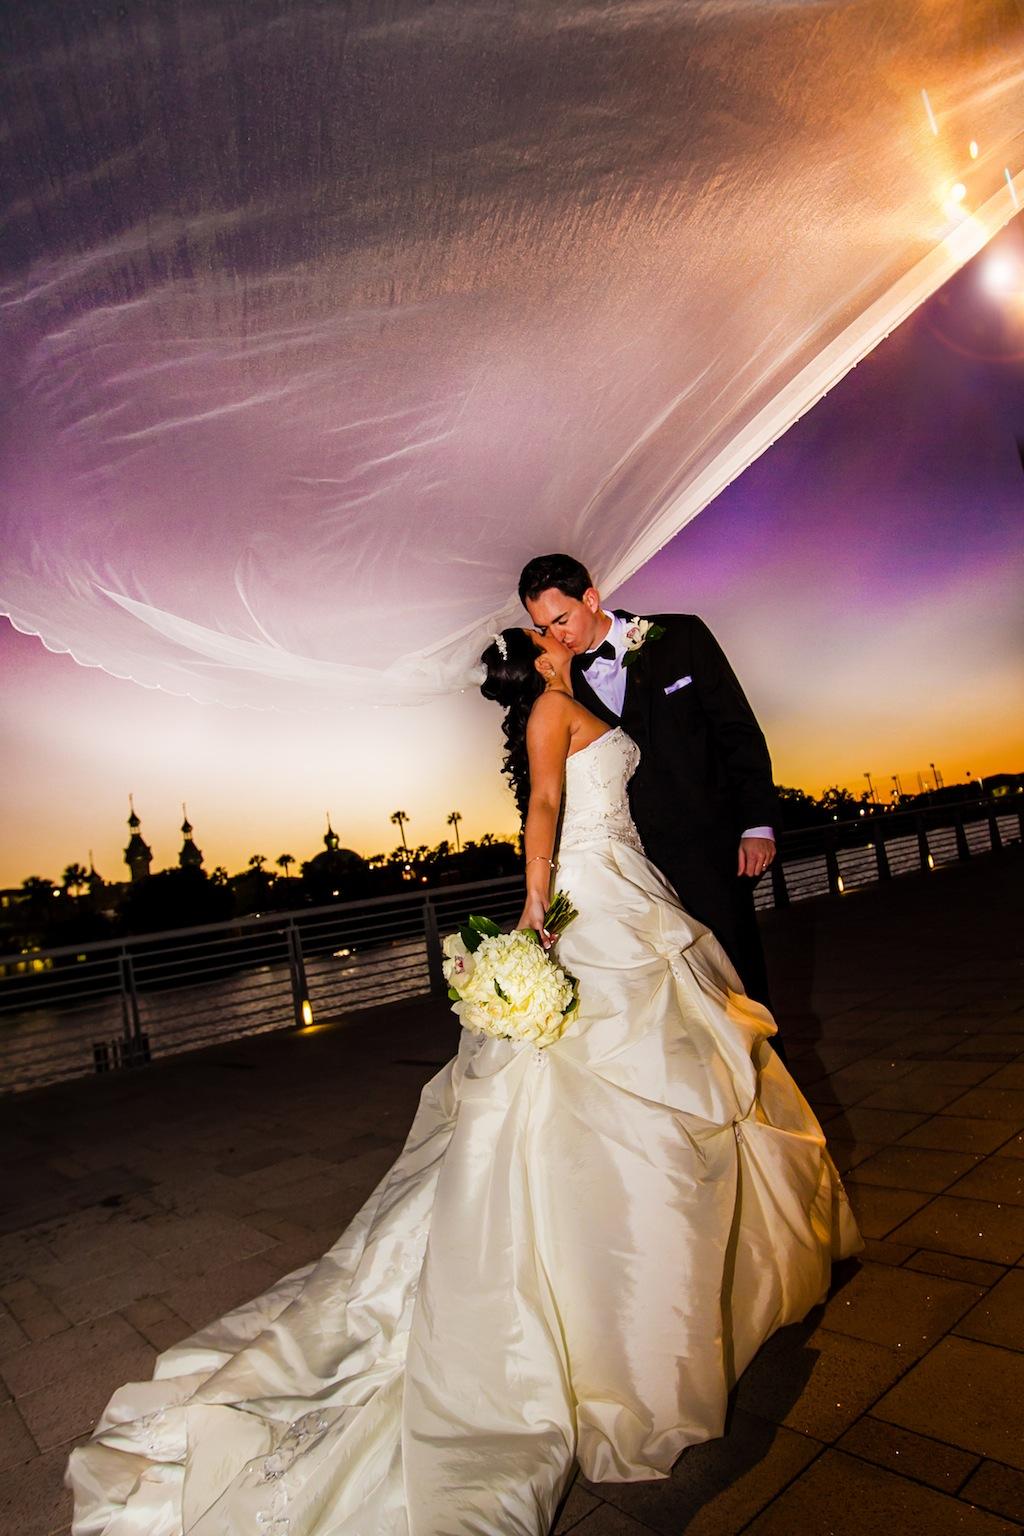 Floridan Palace Wedding, Downtown Tampa - Tampa Wedding Planner Burkle Events & Tampa Wedding Photographer Gary Kaplan Photography (23)